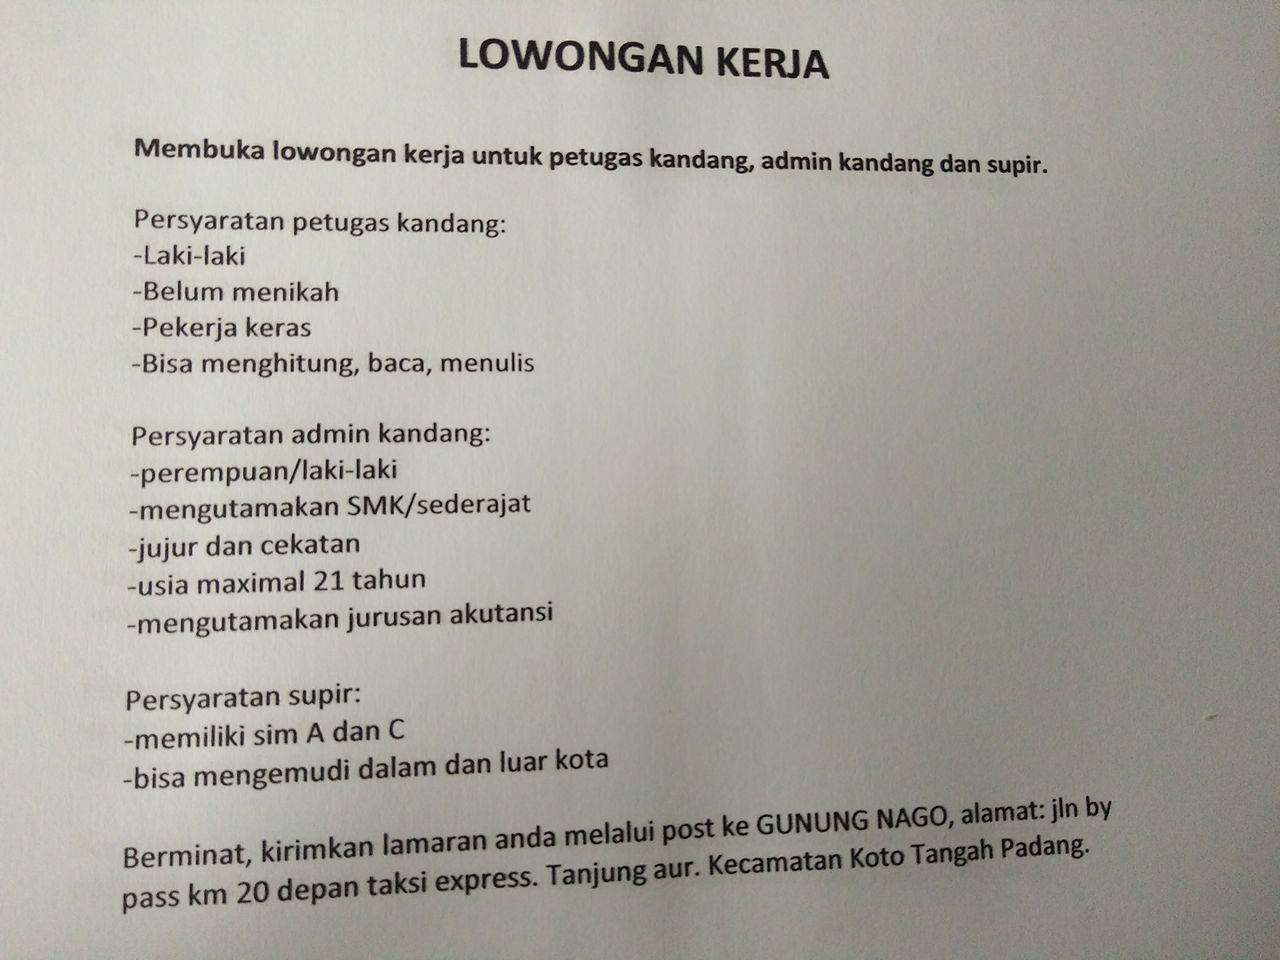 Lowongan Kerja di Padang – Usaha Peternakan Gunung Nago – 3 Posisi (Januari 2017)